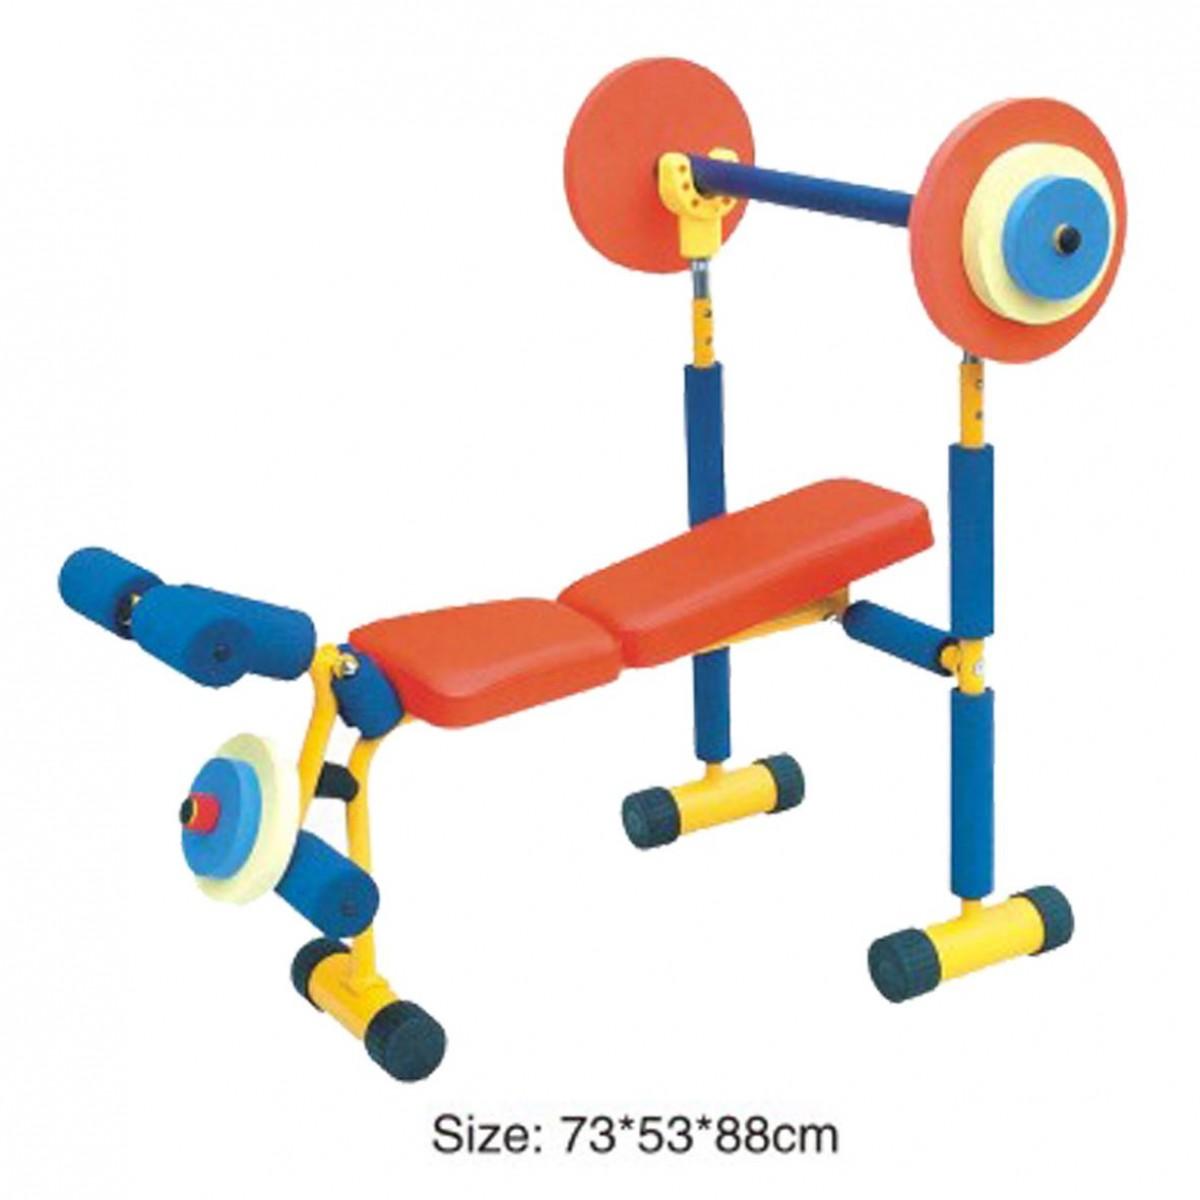 جهاز التمارين المتعددة للأطفال